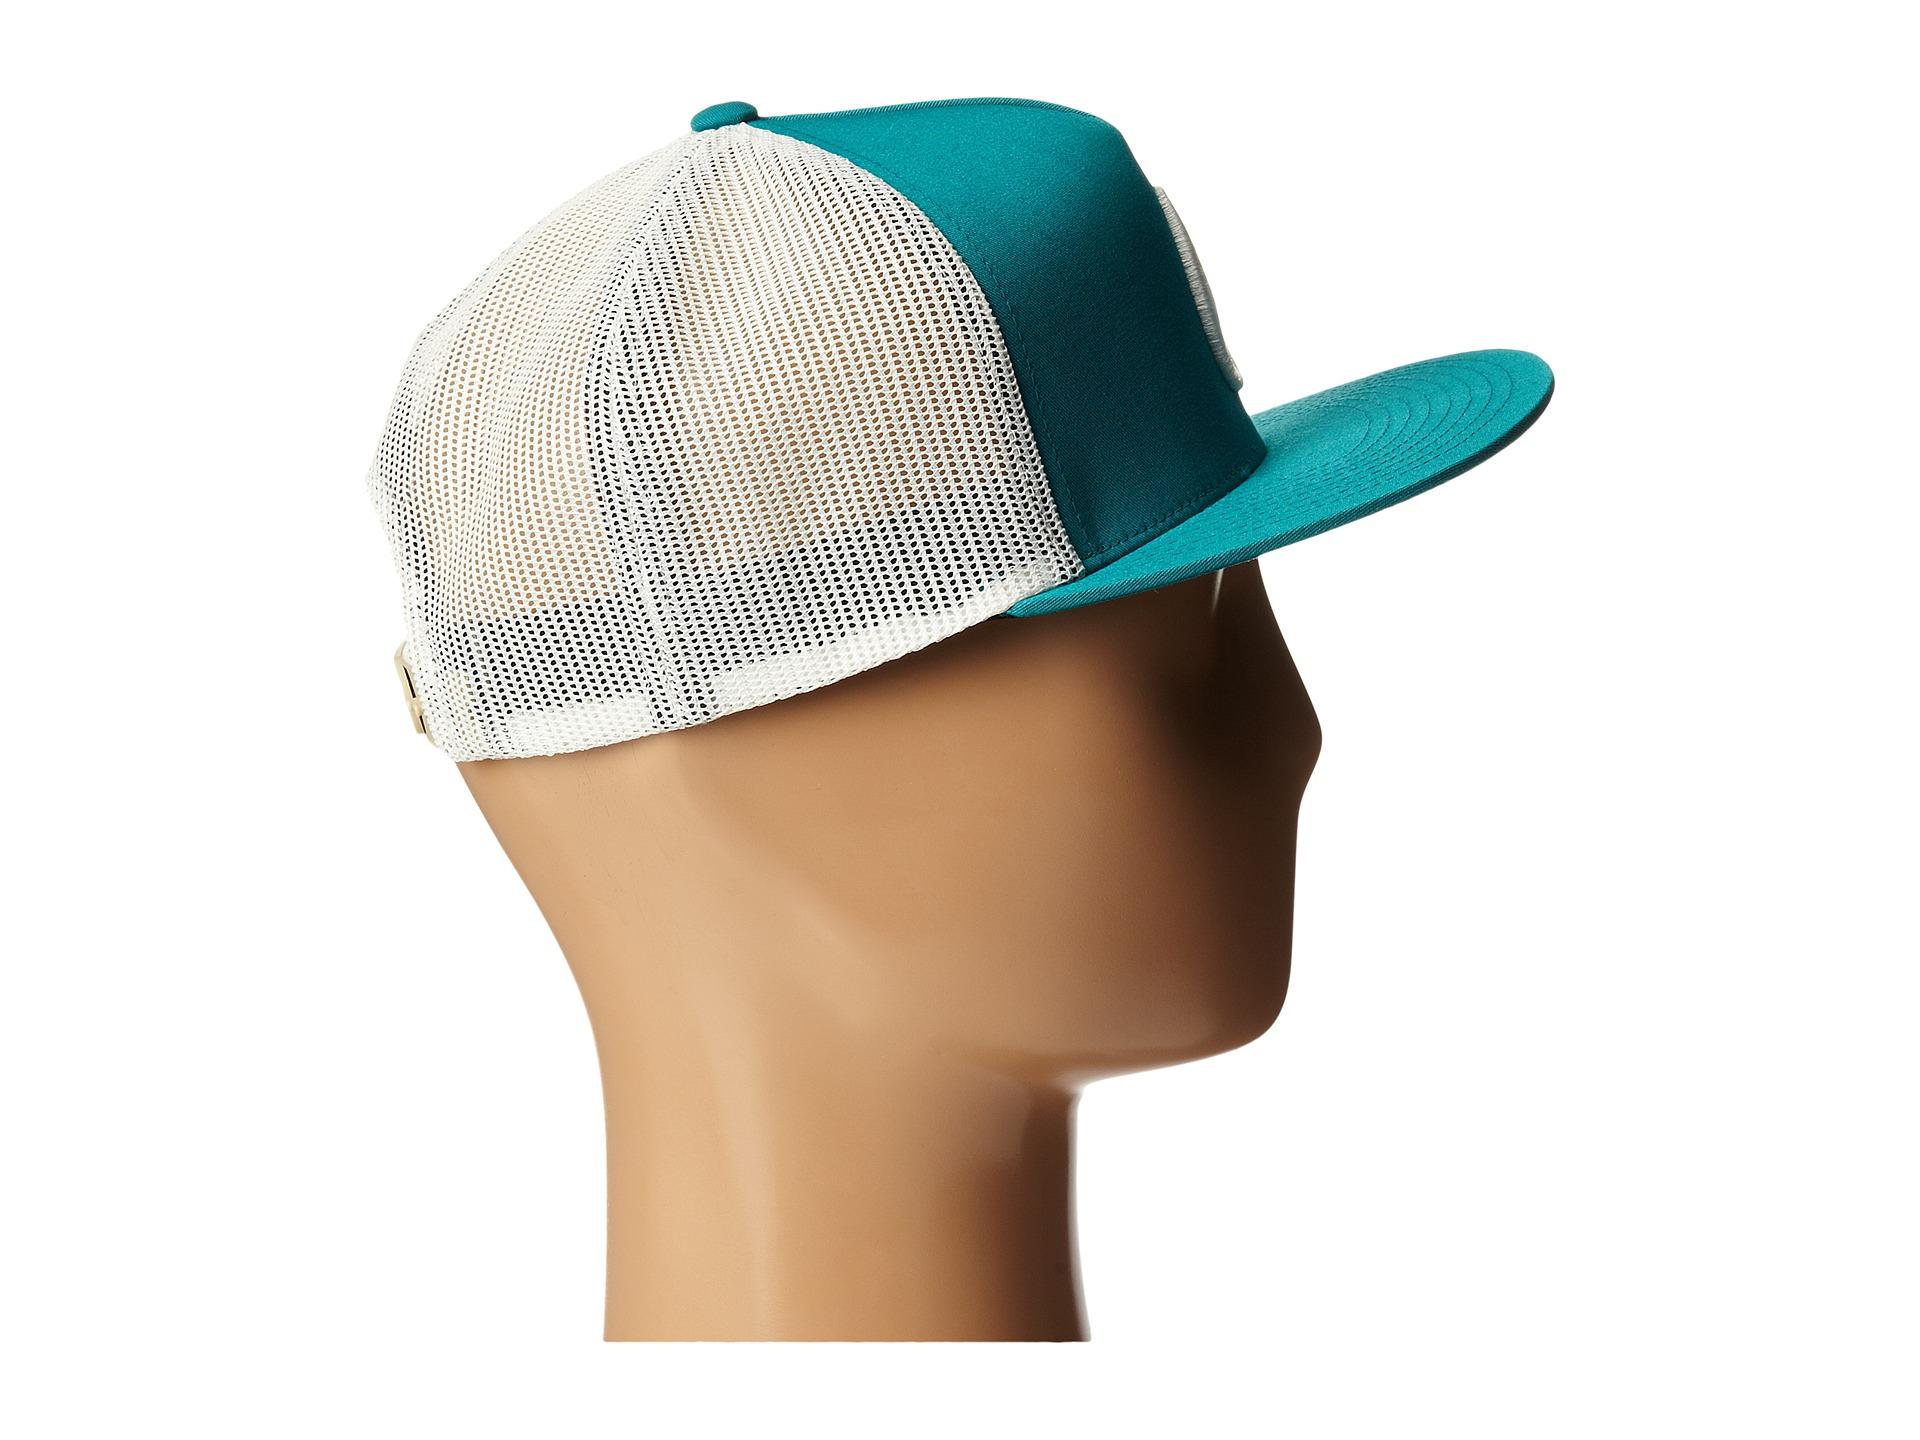 Lyst - Nixon Deep Down Trucker Hat in Blue for Men 5e3b489a695